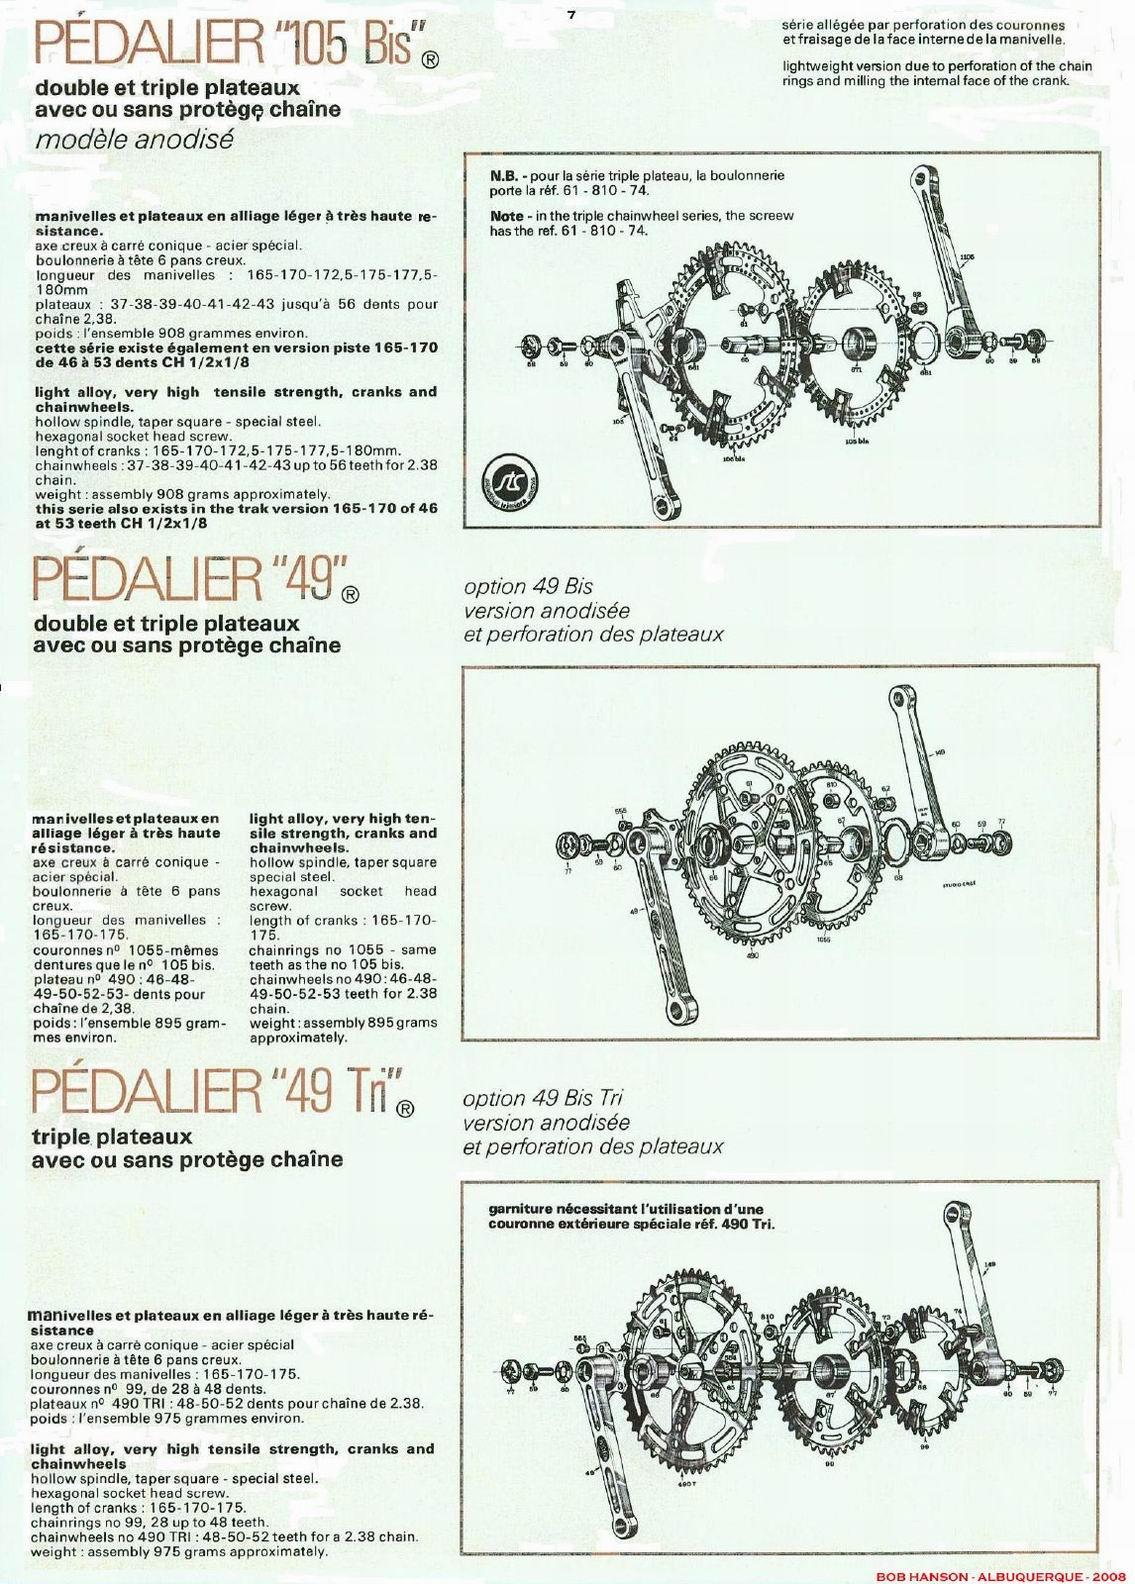 Peugeot PR(N?)10 (1977) File